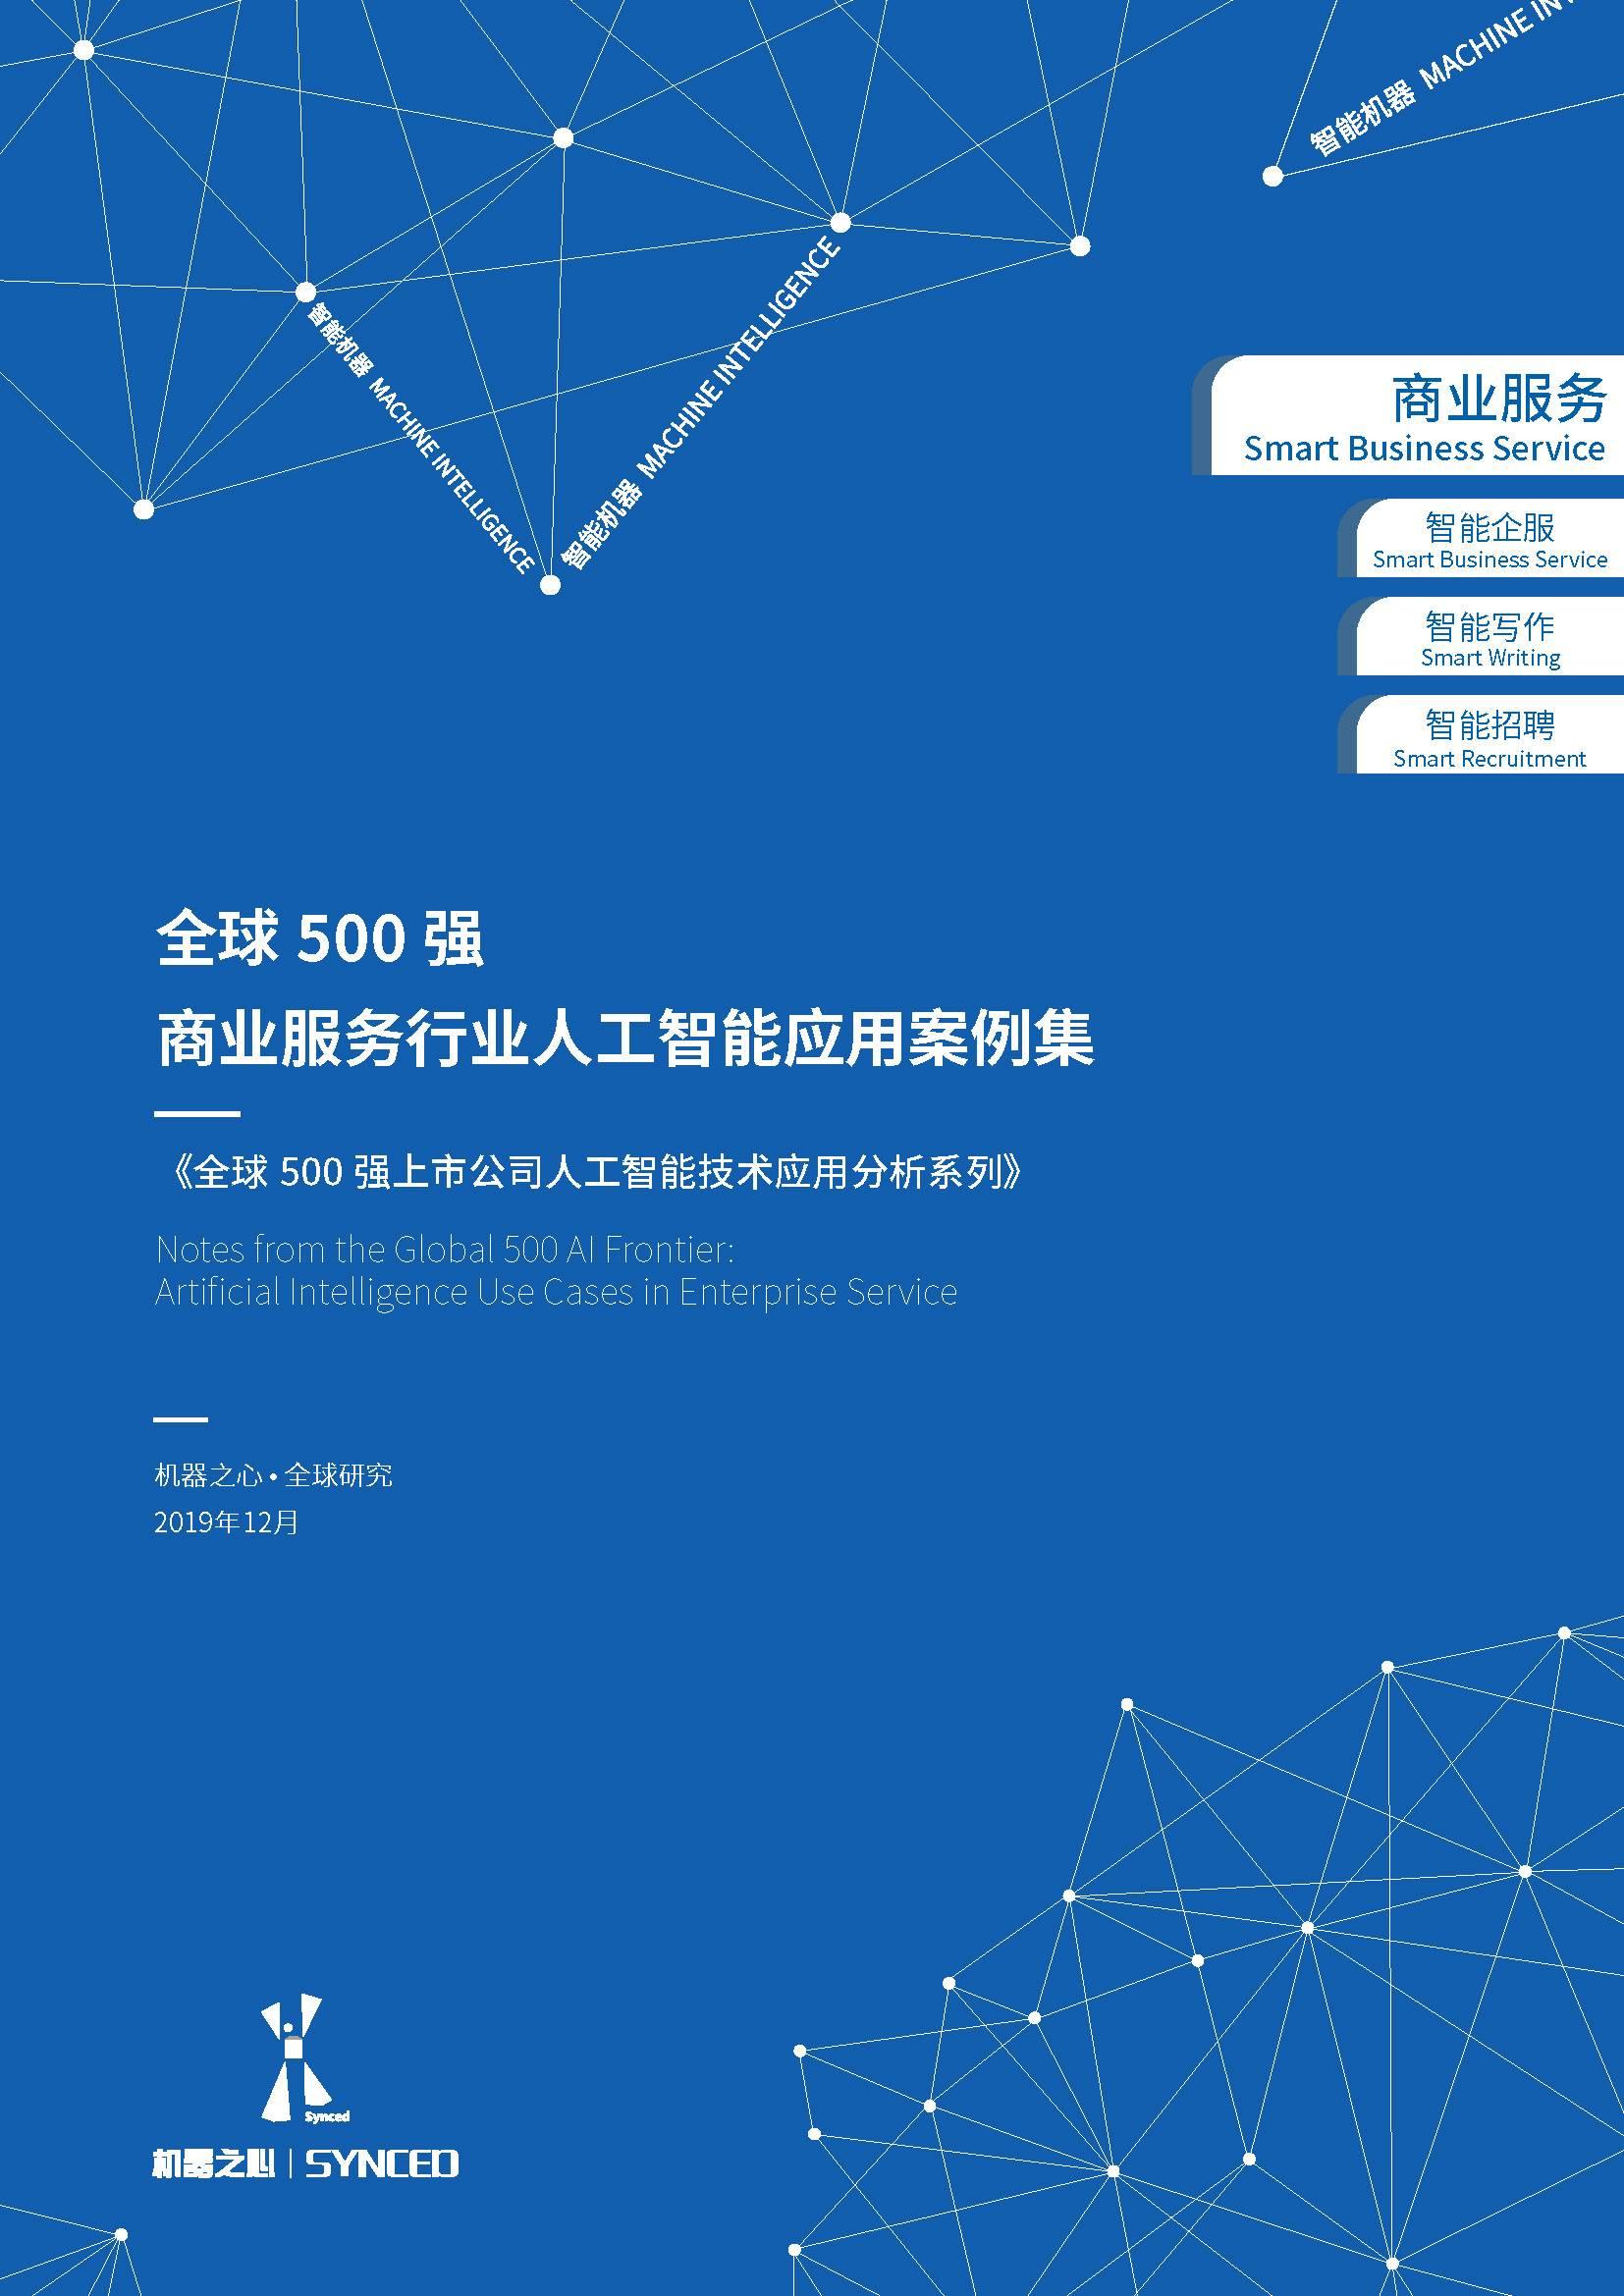 全球 500 强 商业服务行业人工智能应用案例集